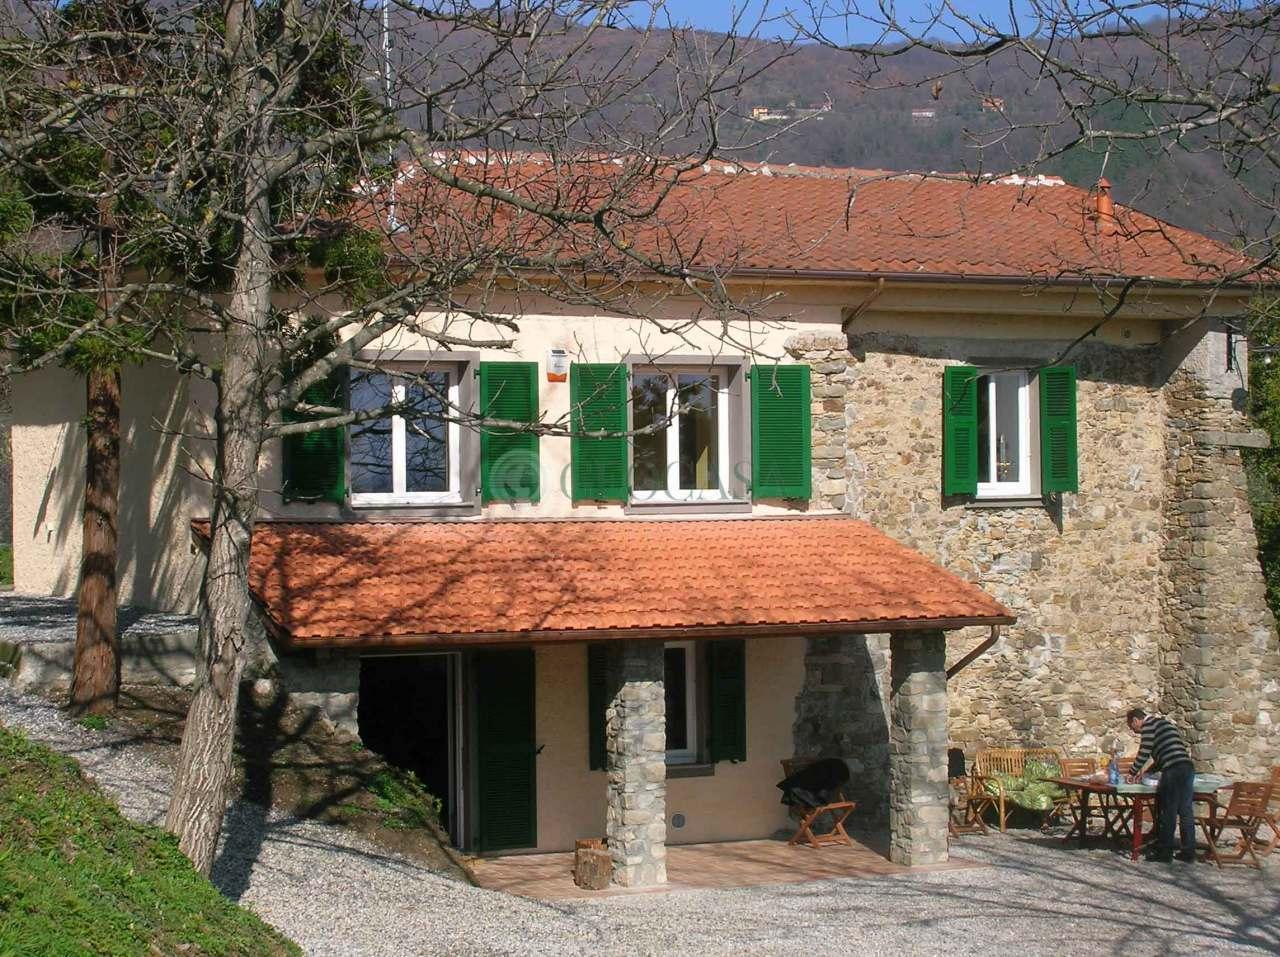 Rustico / Casale in vendita a Follo, 5 locali, prezzo € 450.000 | CambioCasa.it